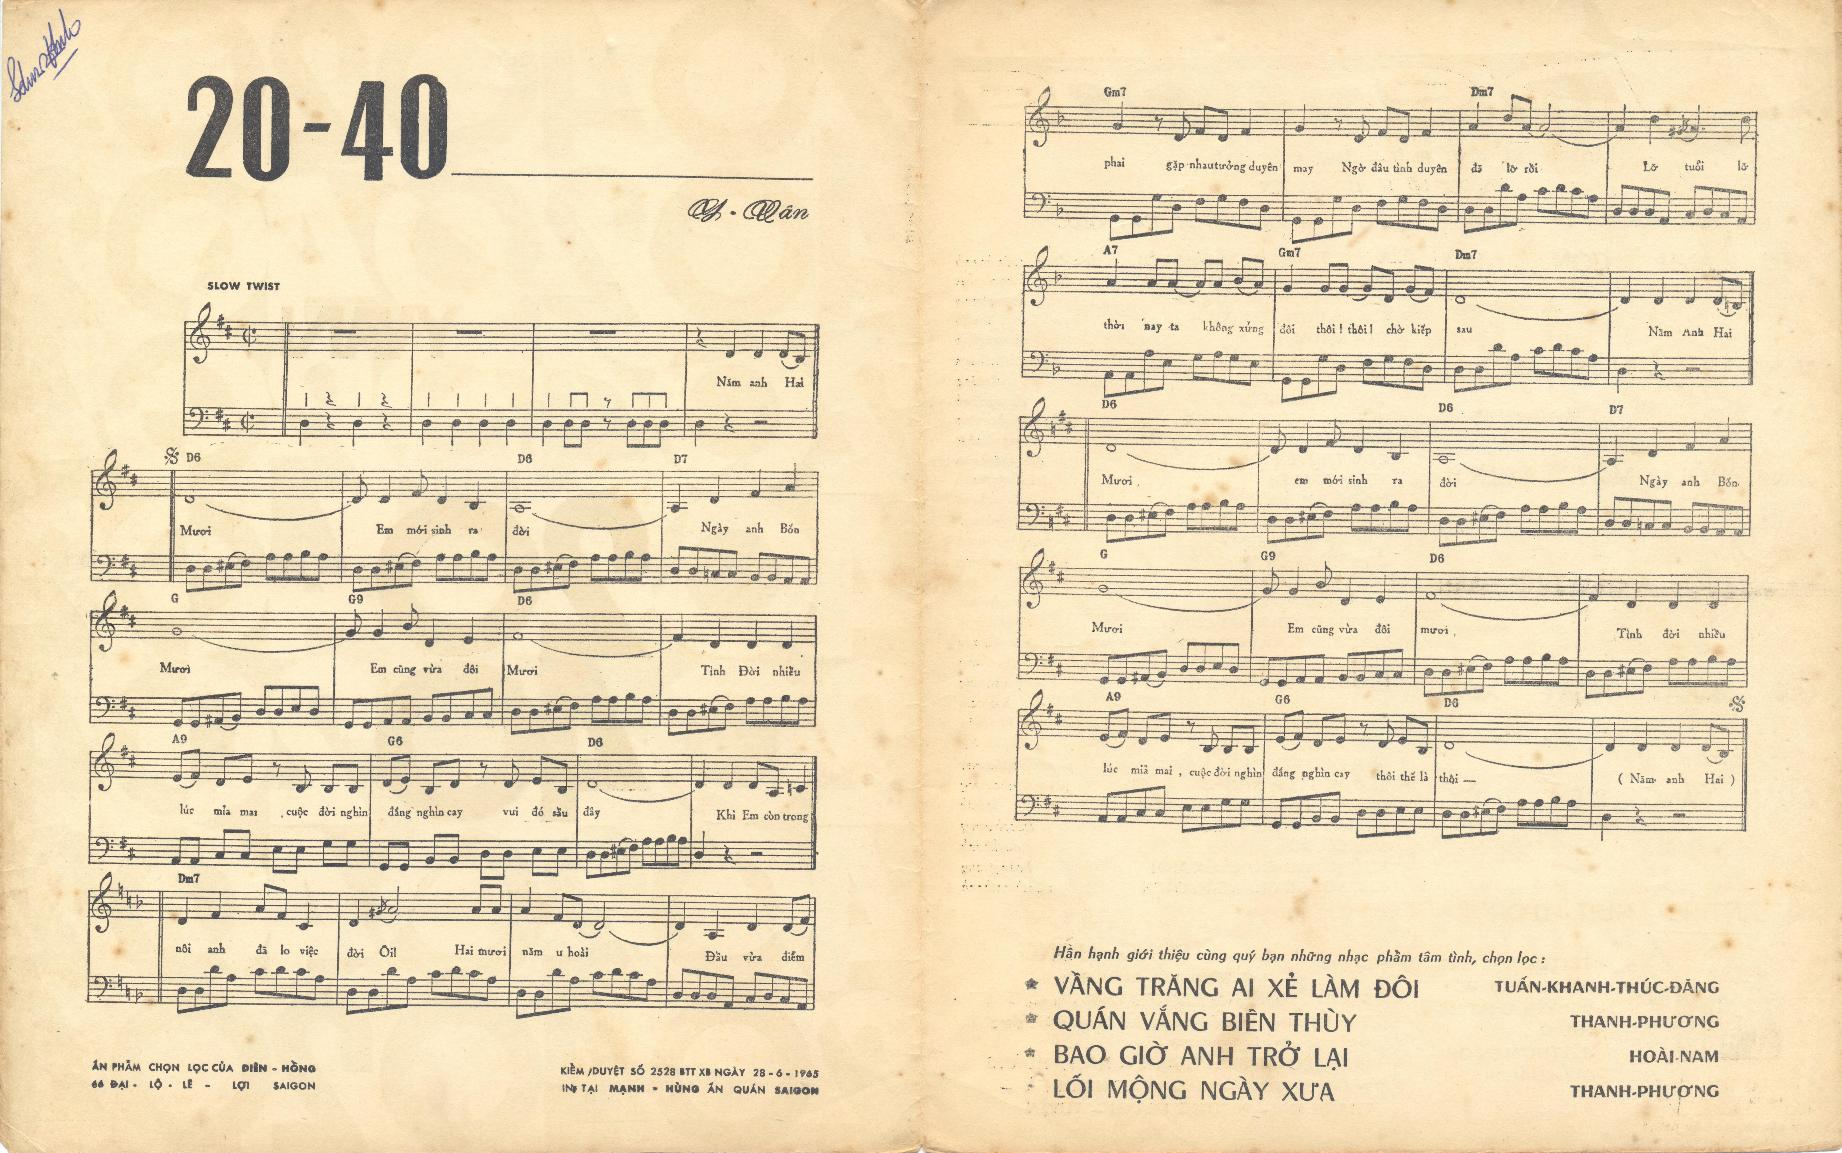 Hợp âm, nốt và lời - Hai mươi Bốn mươi ( 20-40 )